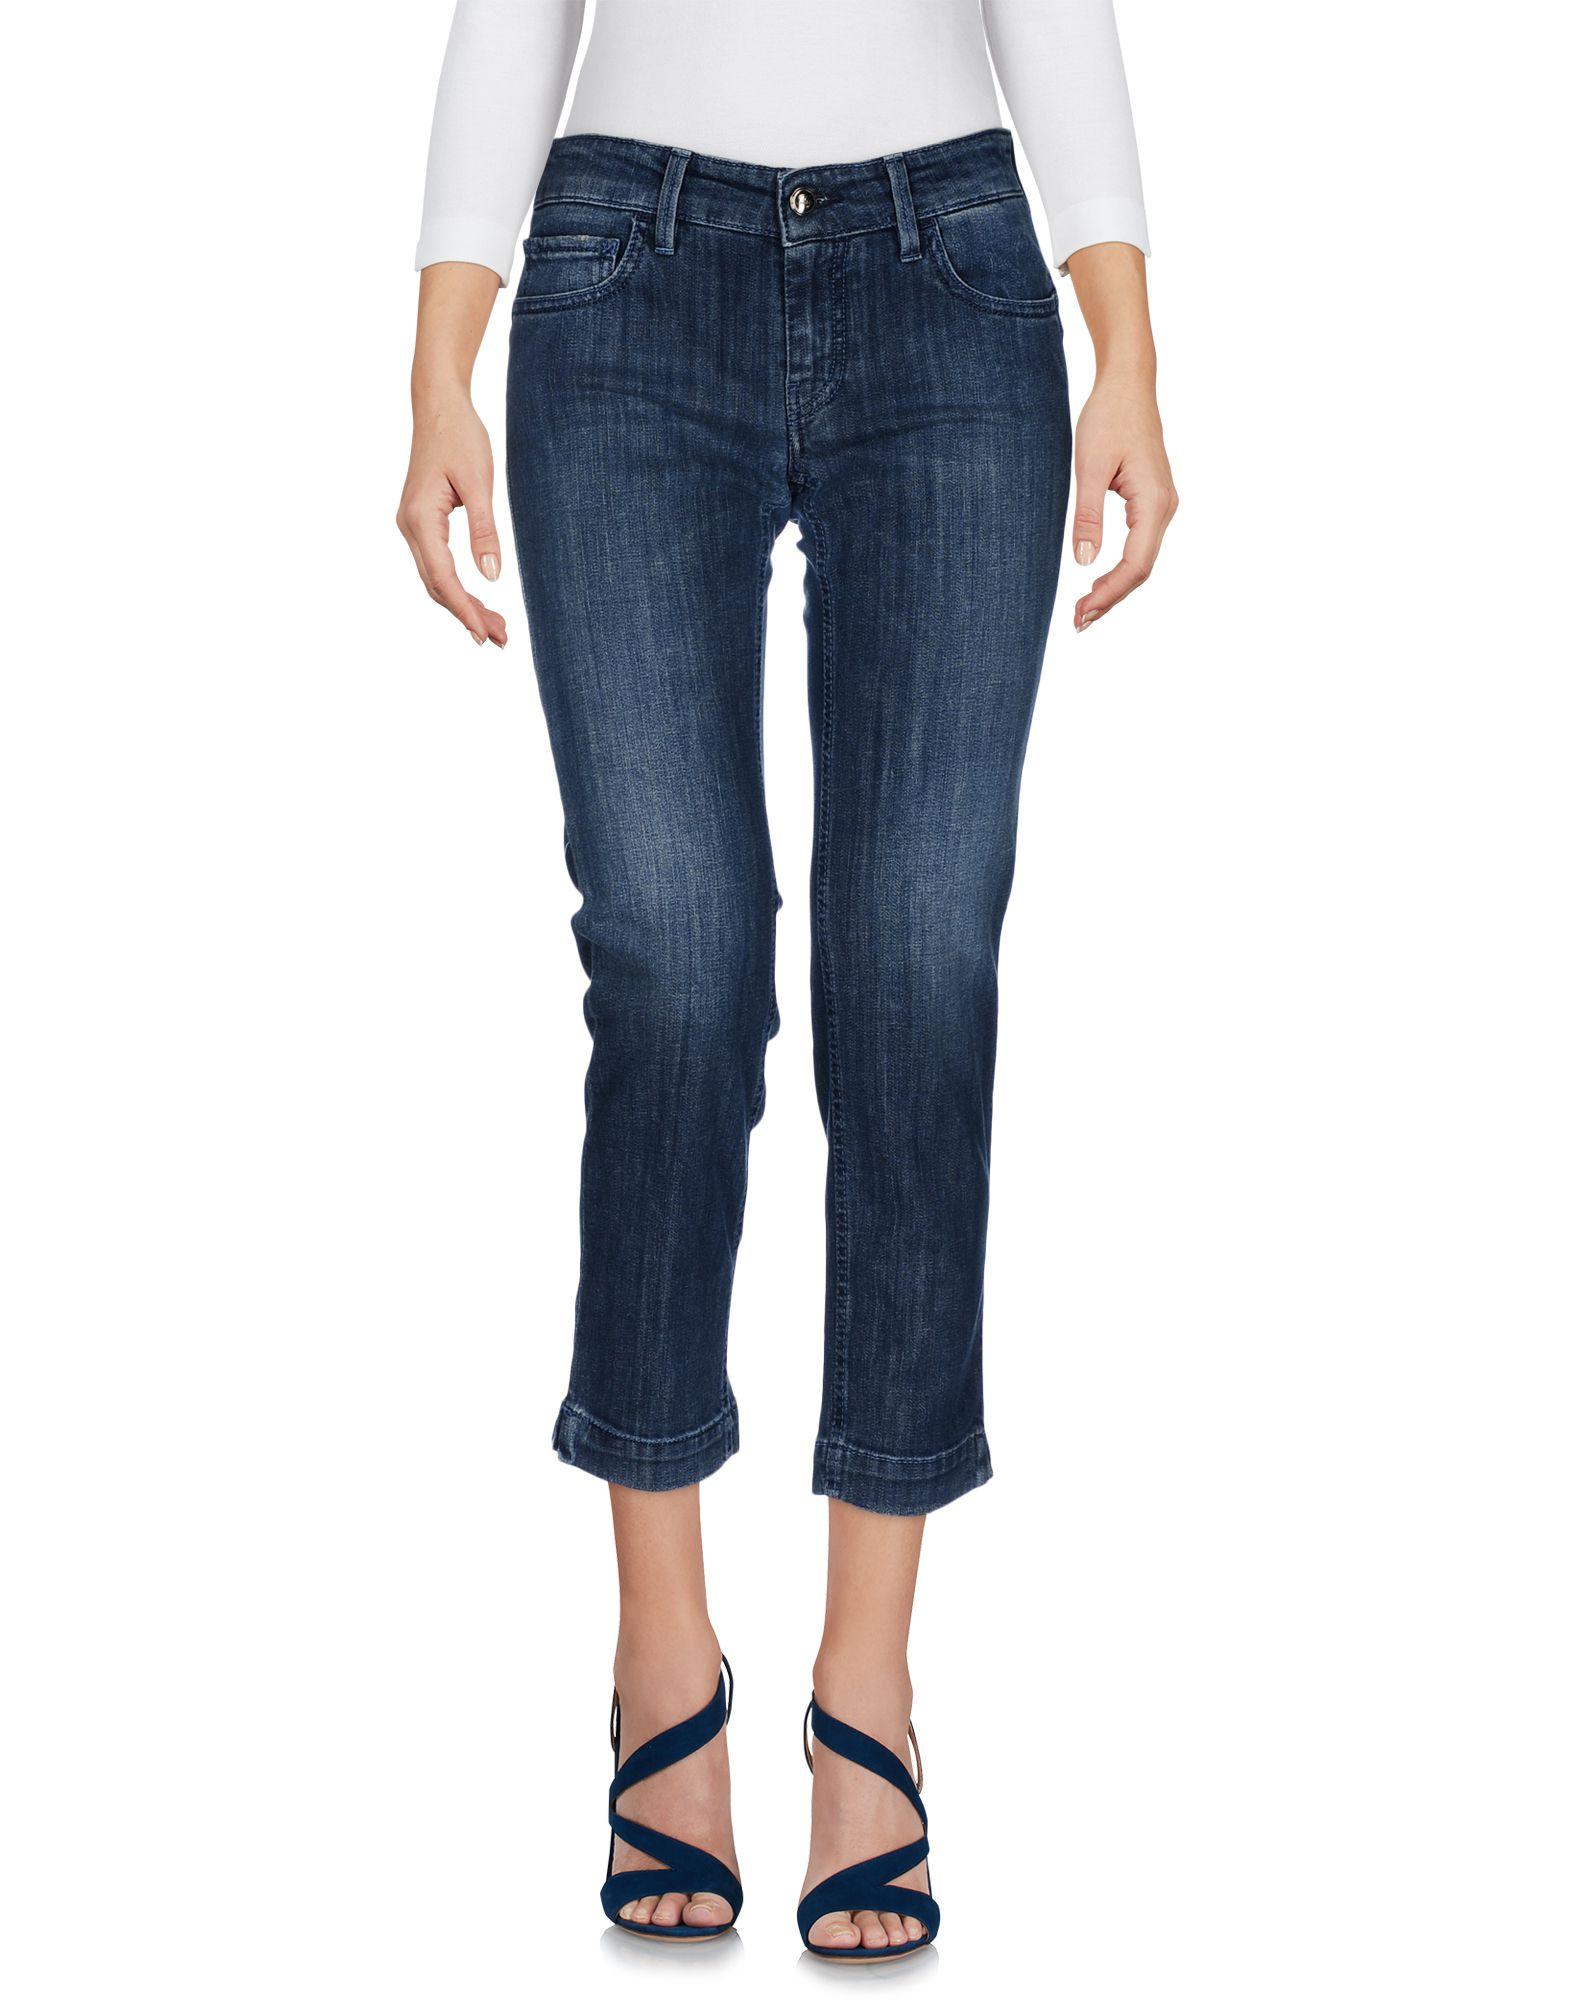 Pantaloni Jeans Fay Donna - Acquista online su